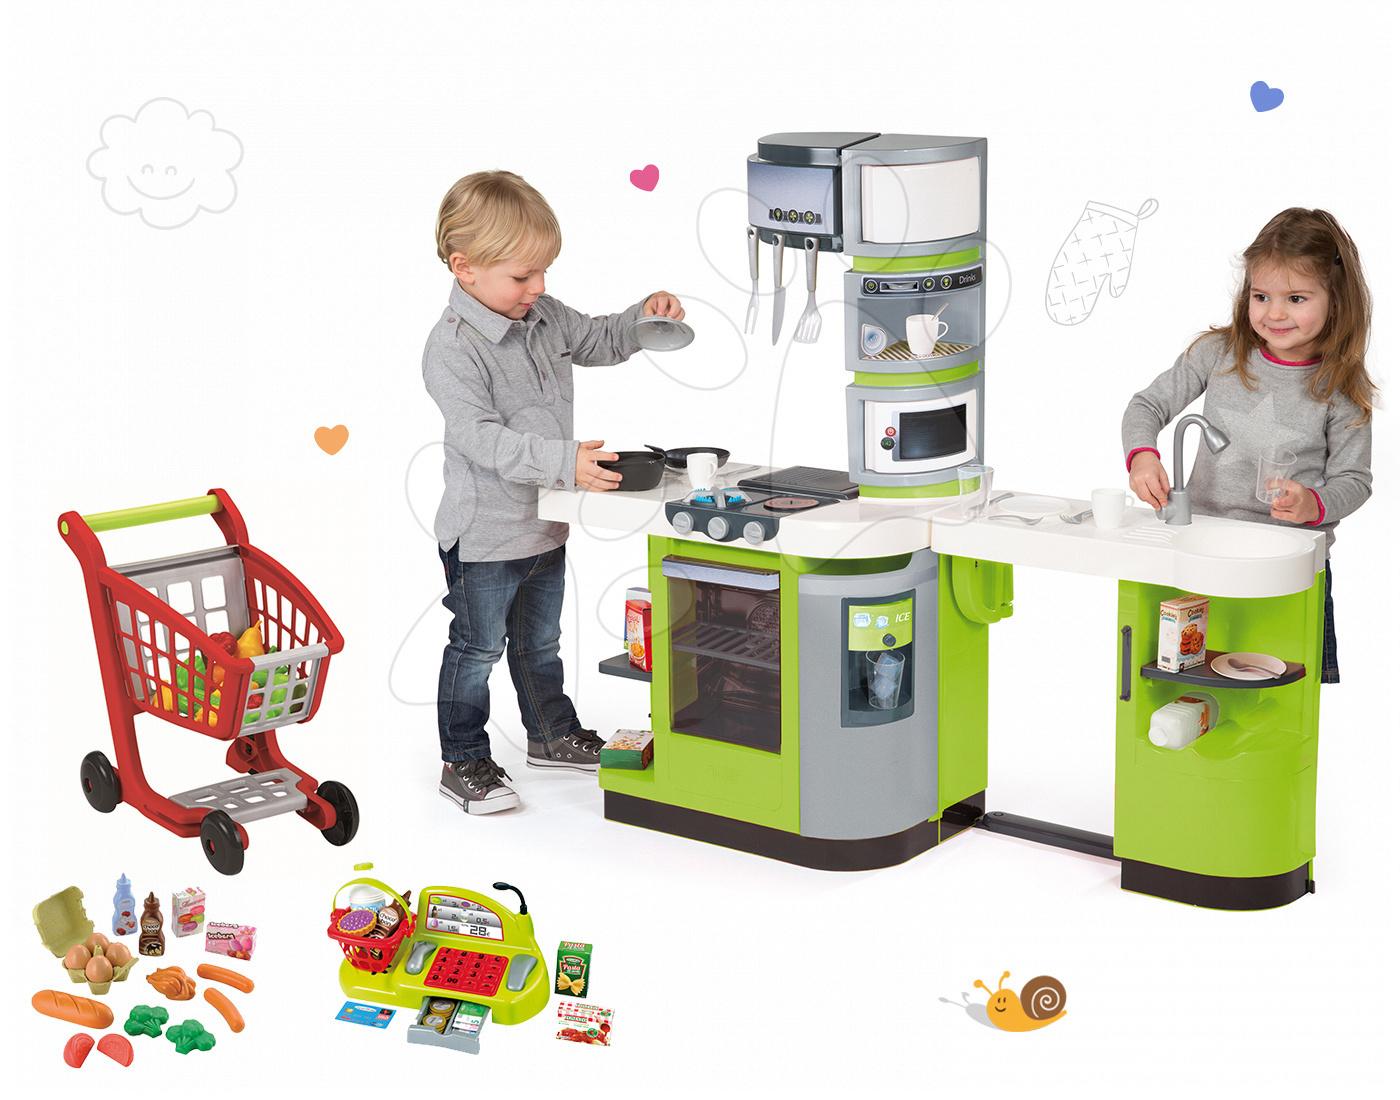 Set kuchyňka CookMaster Verte Smoby s ledem, pokladna, nákupní košík a potraviny